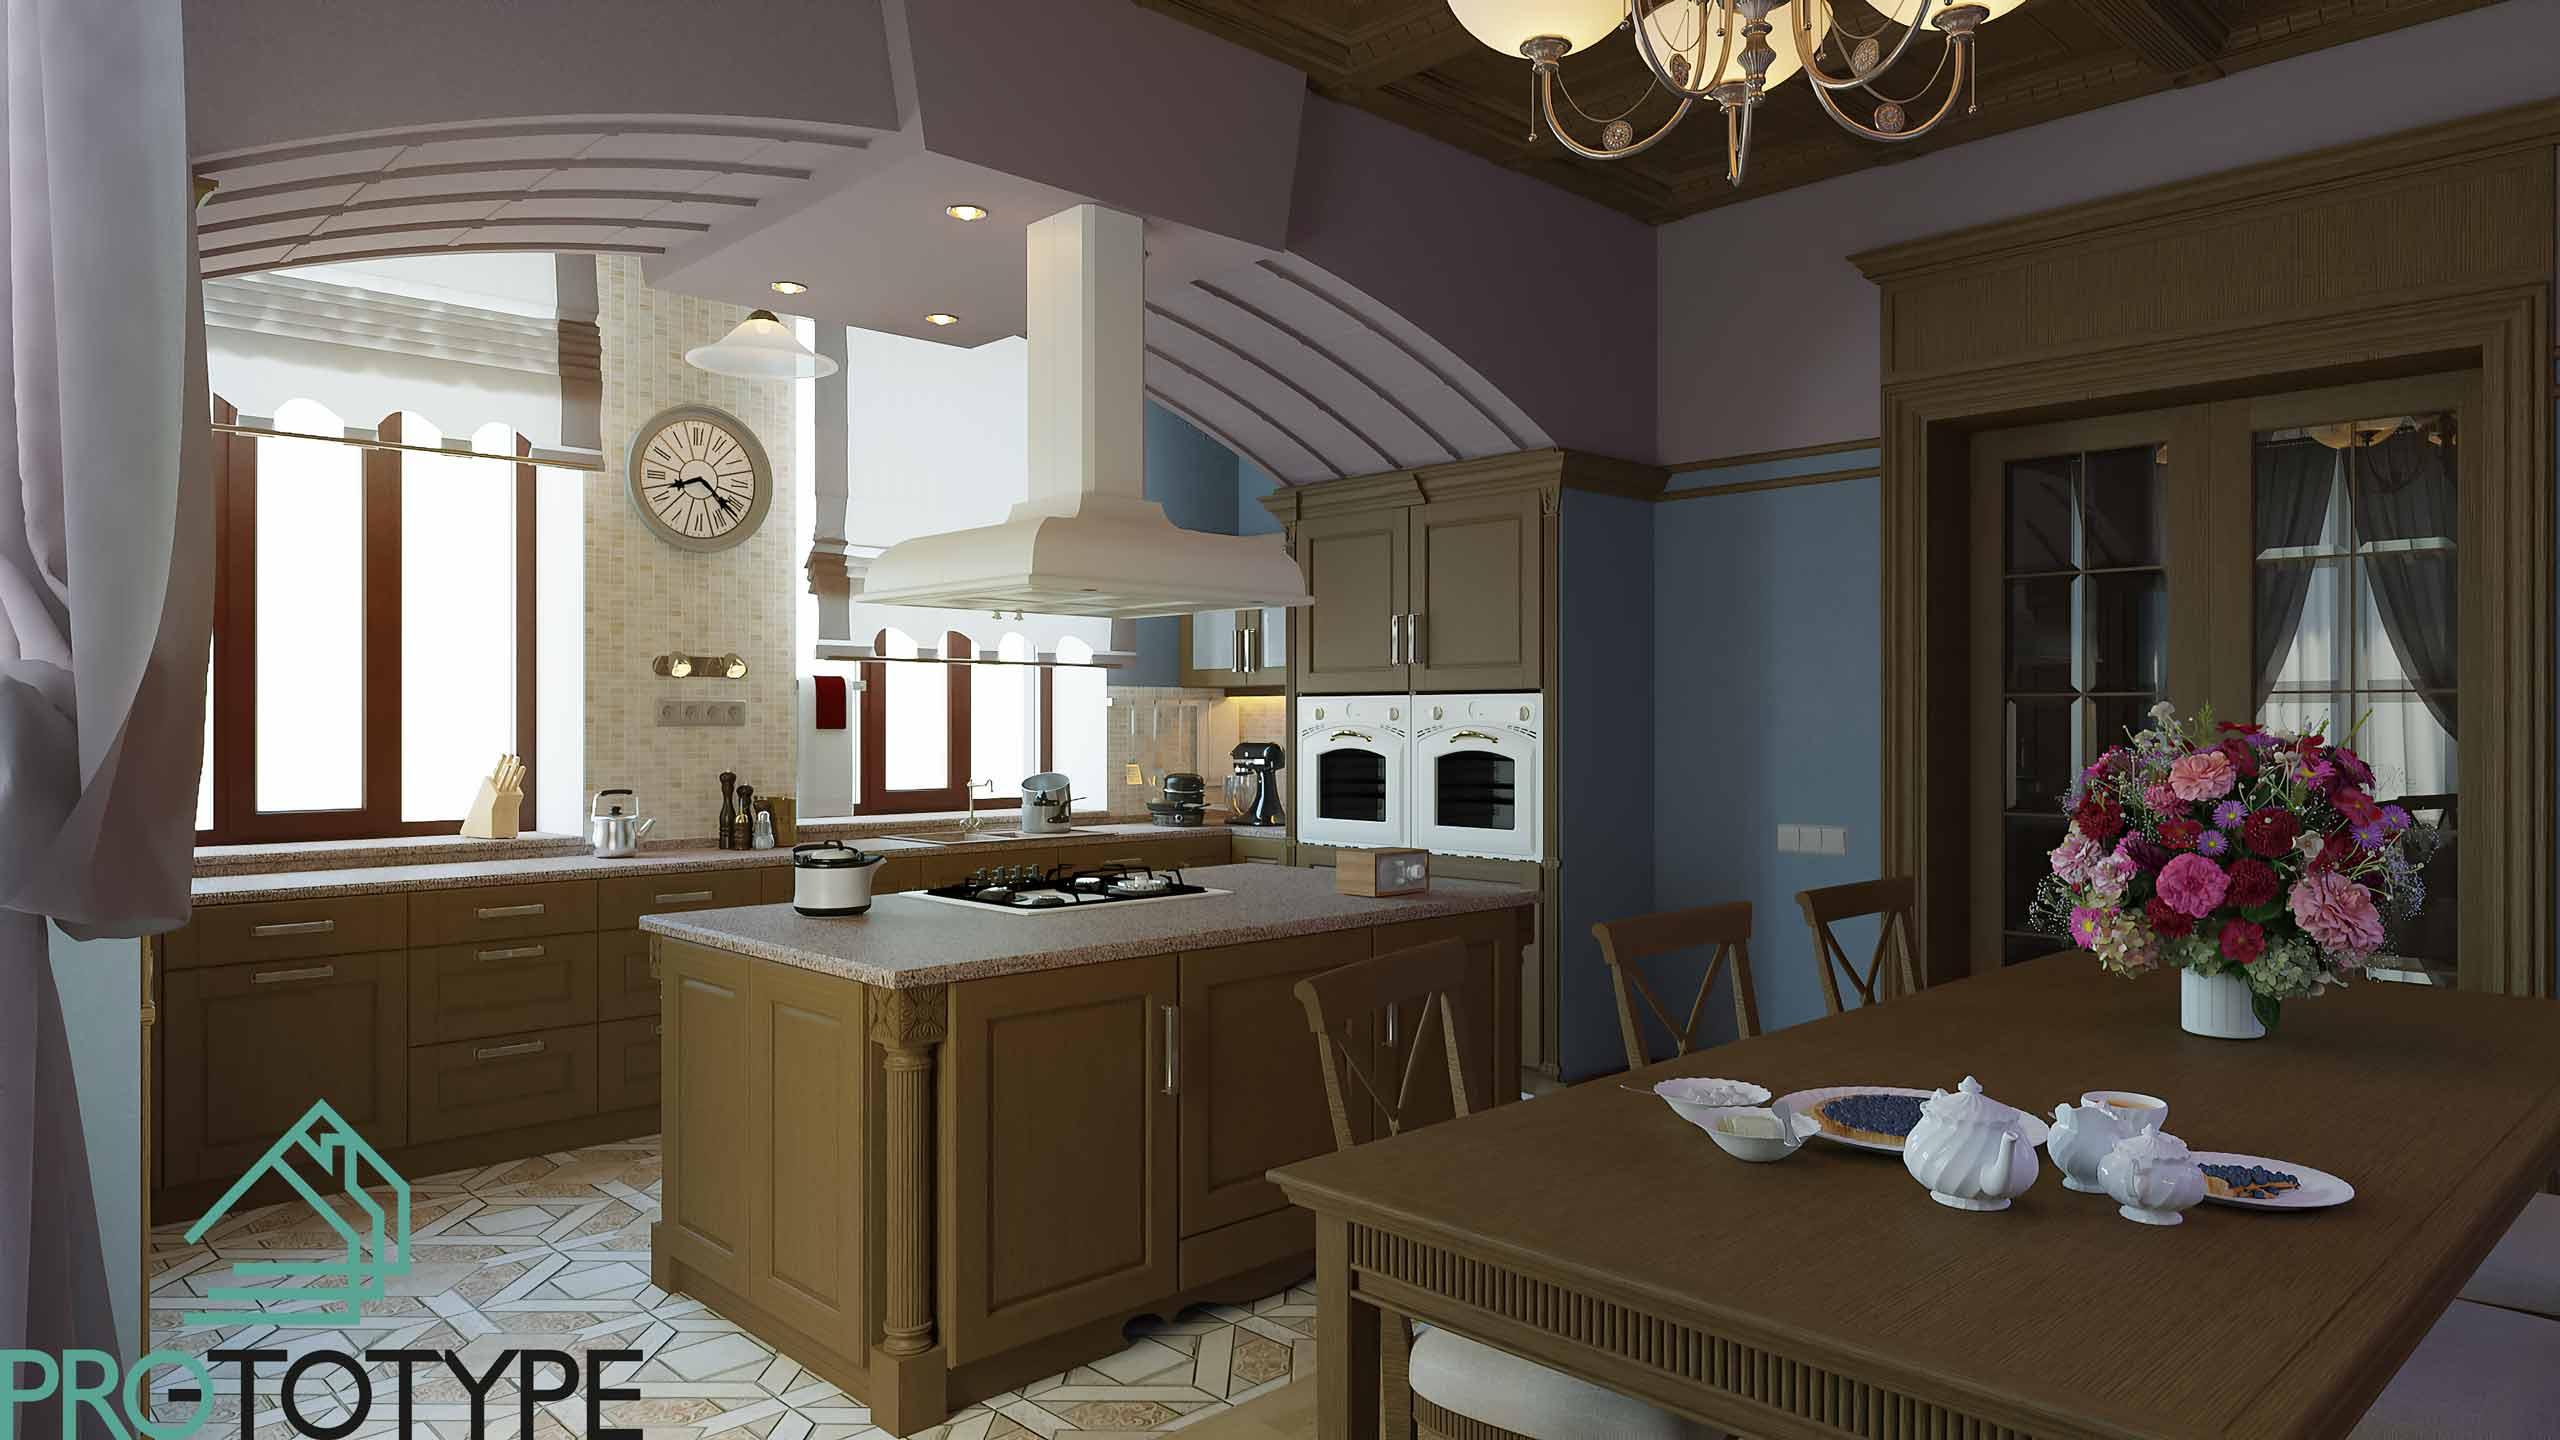 Красивые дома - Дизайн интерьера кухни-столовой в строгой классике